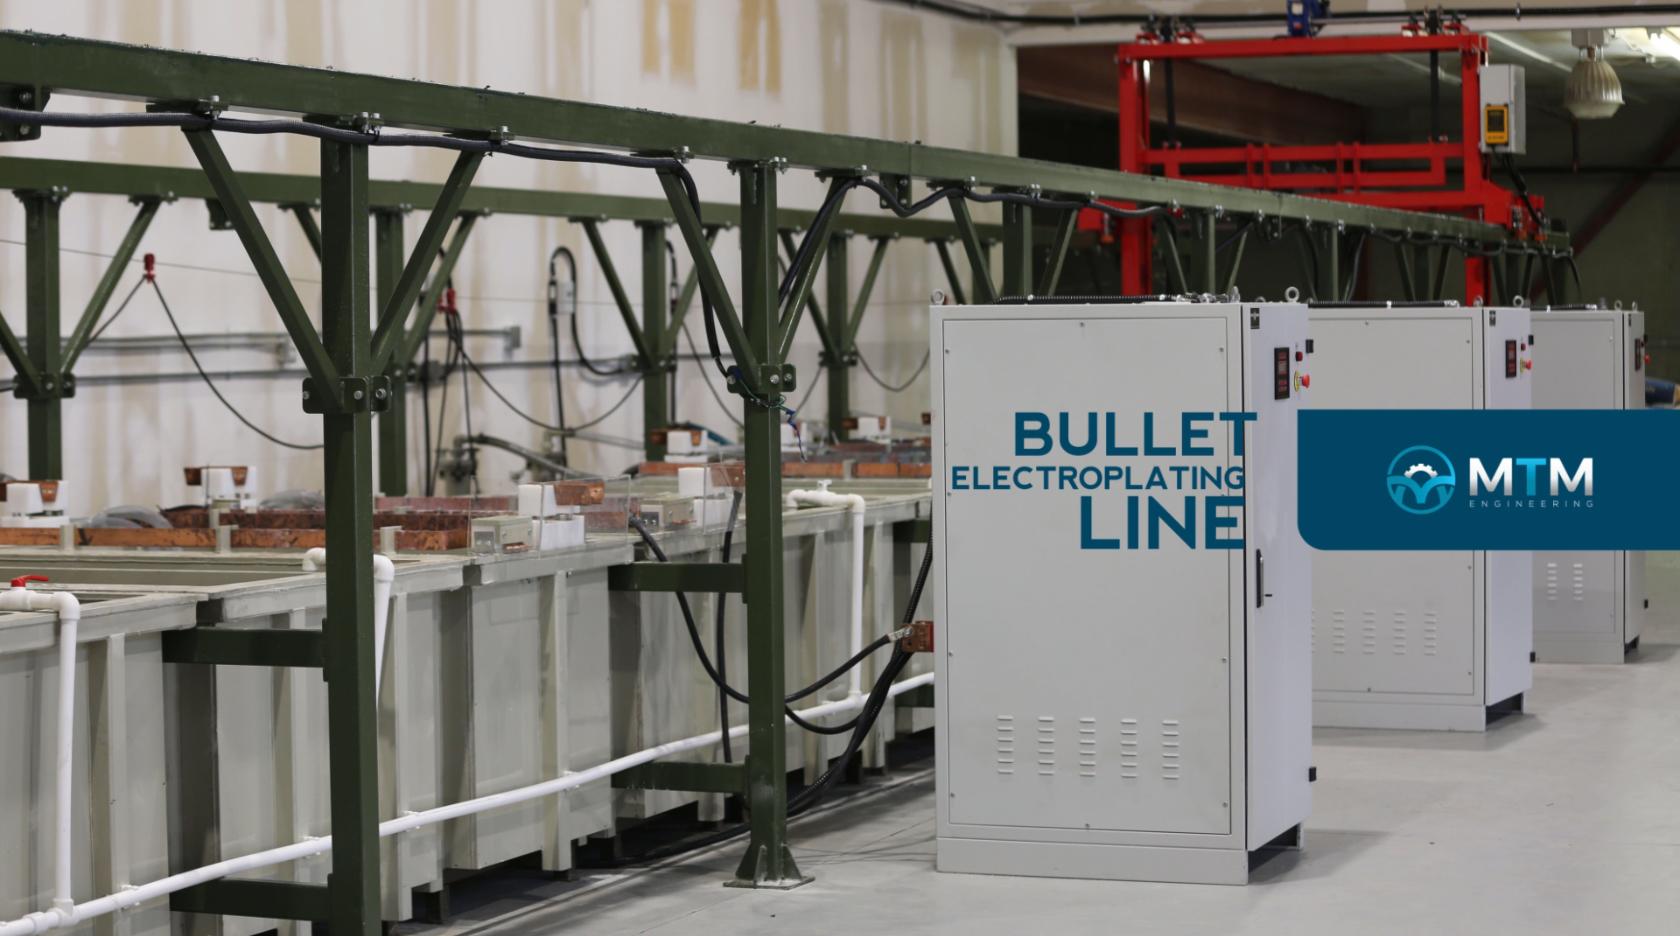 Bullet Electroplating Line